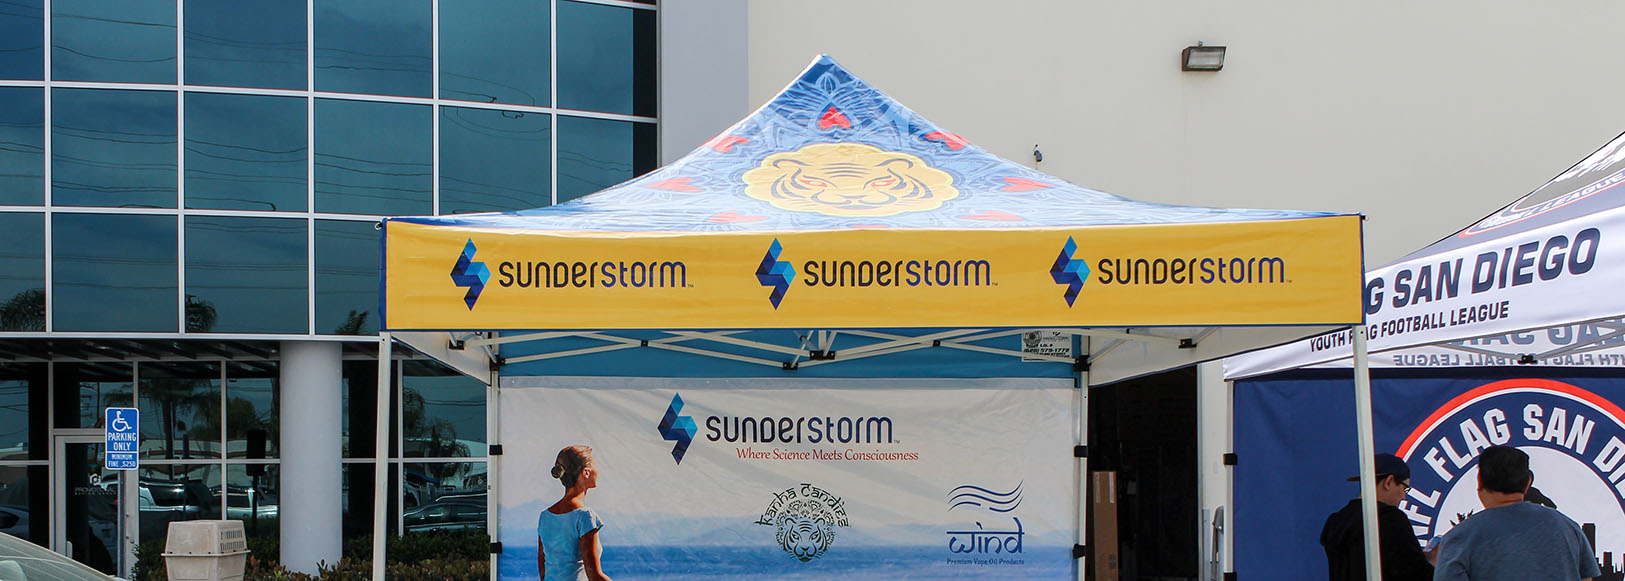 sunderstorm-header.jpg